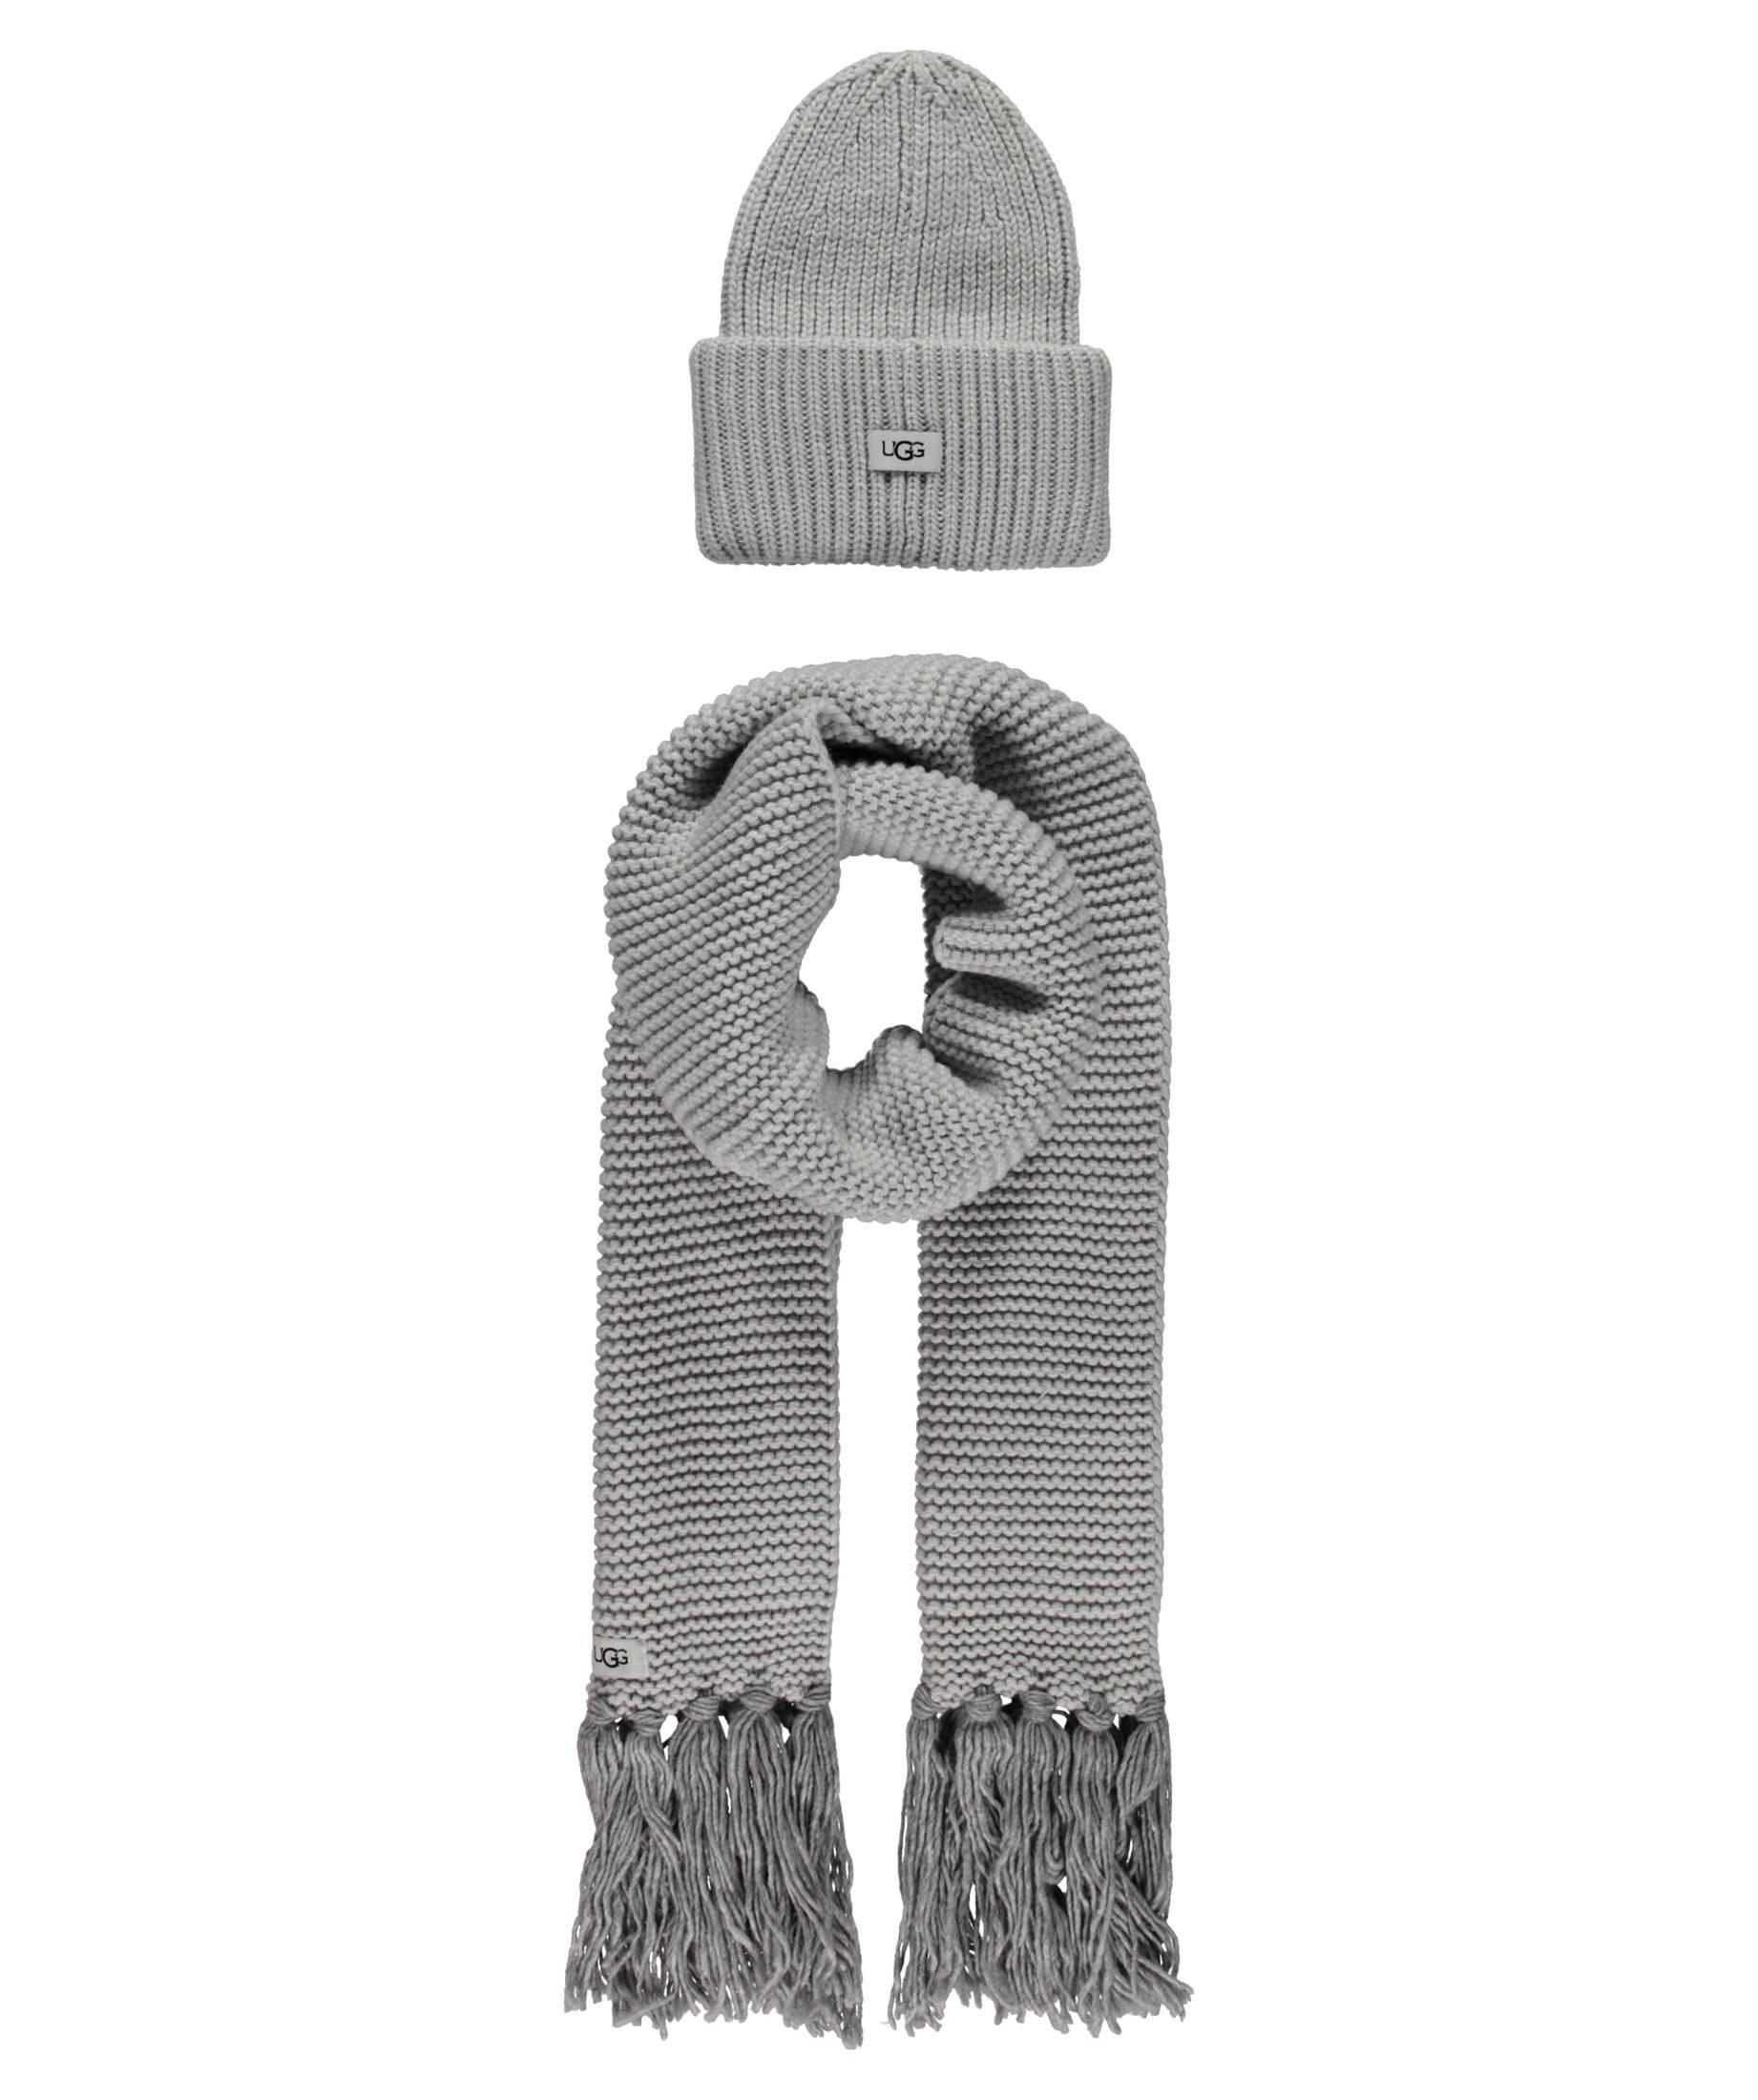 UGG Damen Schal + Mütze im Set nur 59,41€ statt 119,95€